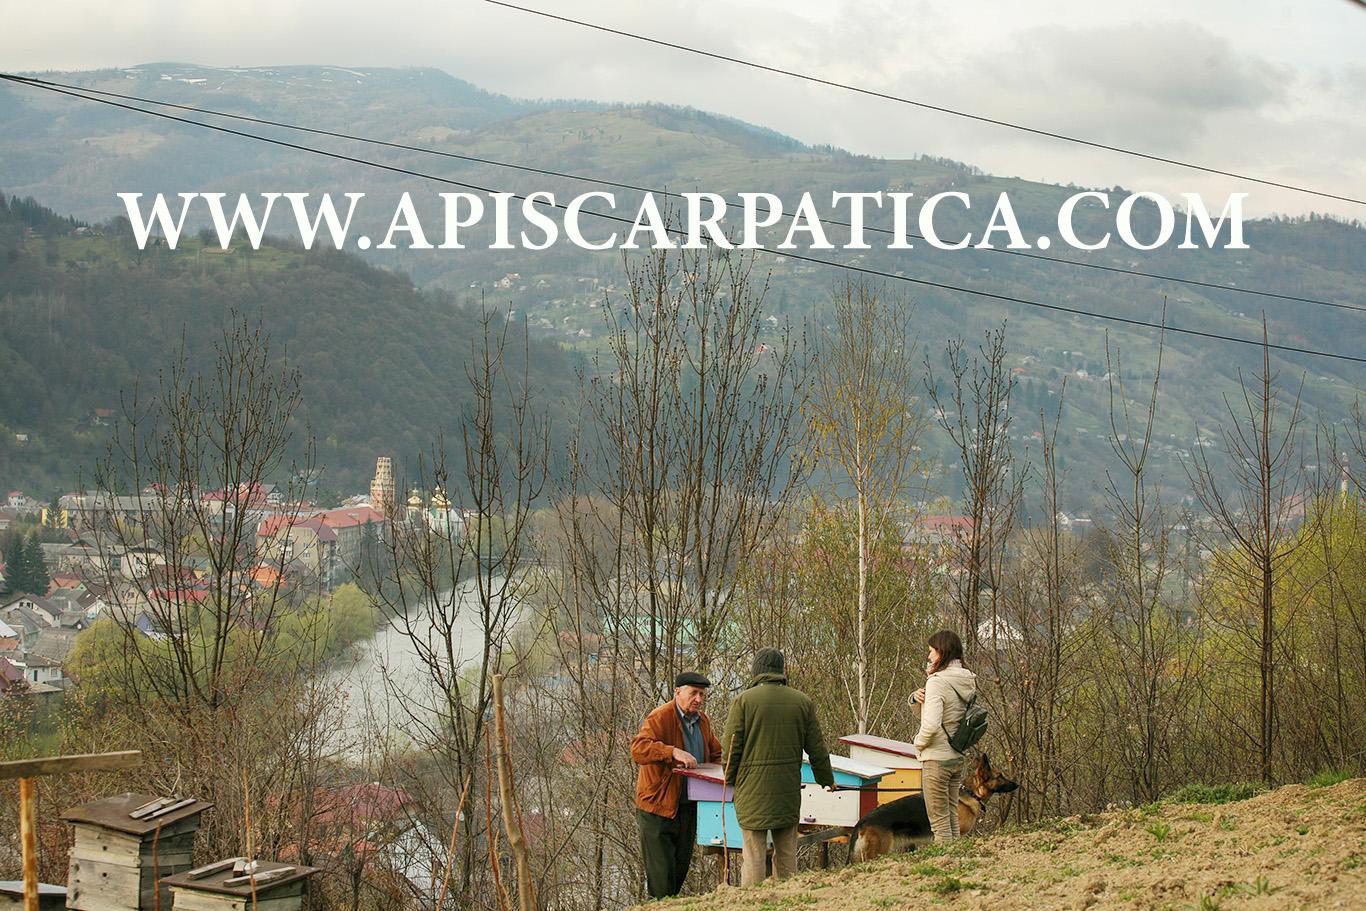 огляд нуклеусів на пасіці карпатських бджіл В.Волощука у місті Рахів